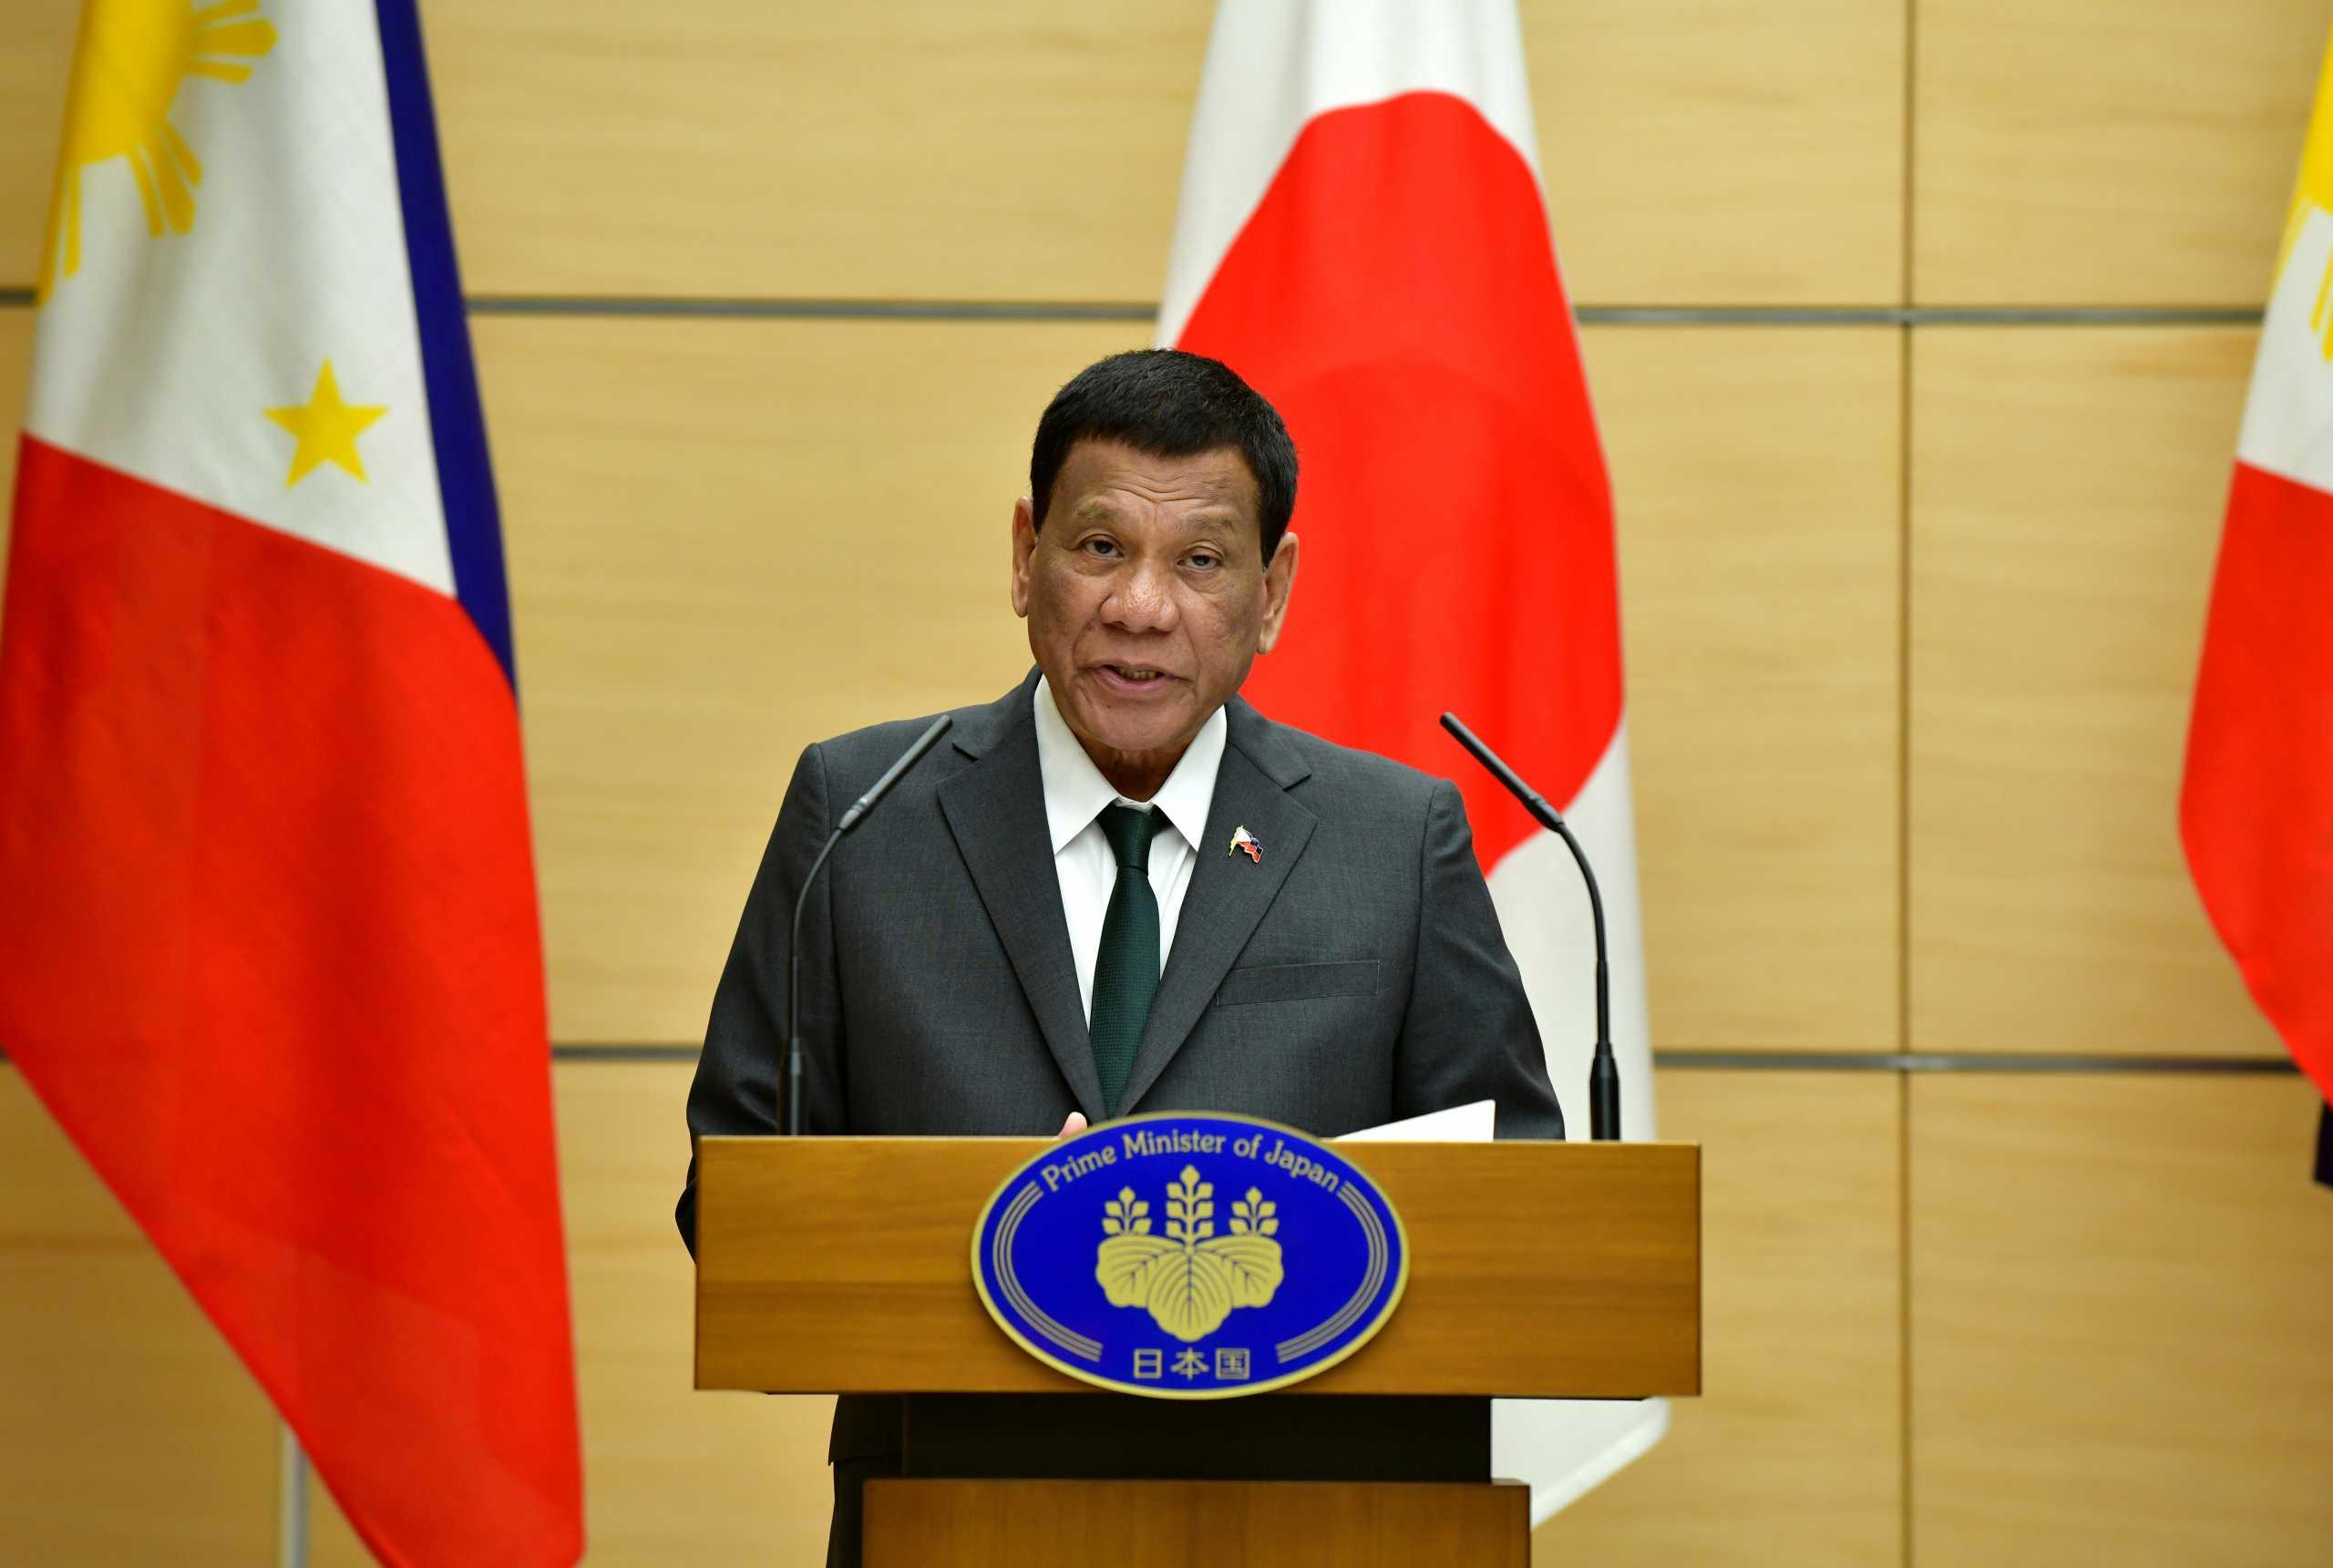 Φιλιππίνες: O Ντουτέρτε δεν θέλει διεθνή έρευνα για τον «πόλεμο κατά των ναρκωτικών»